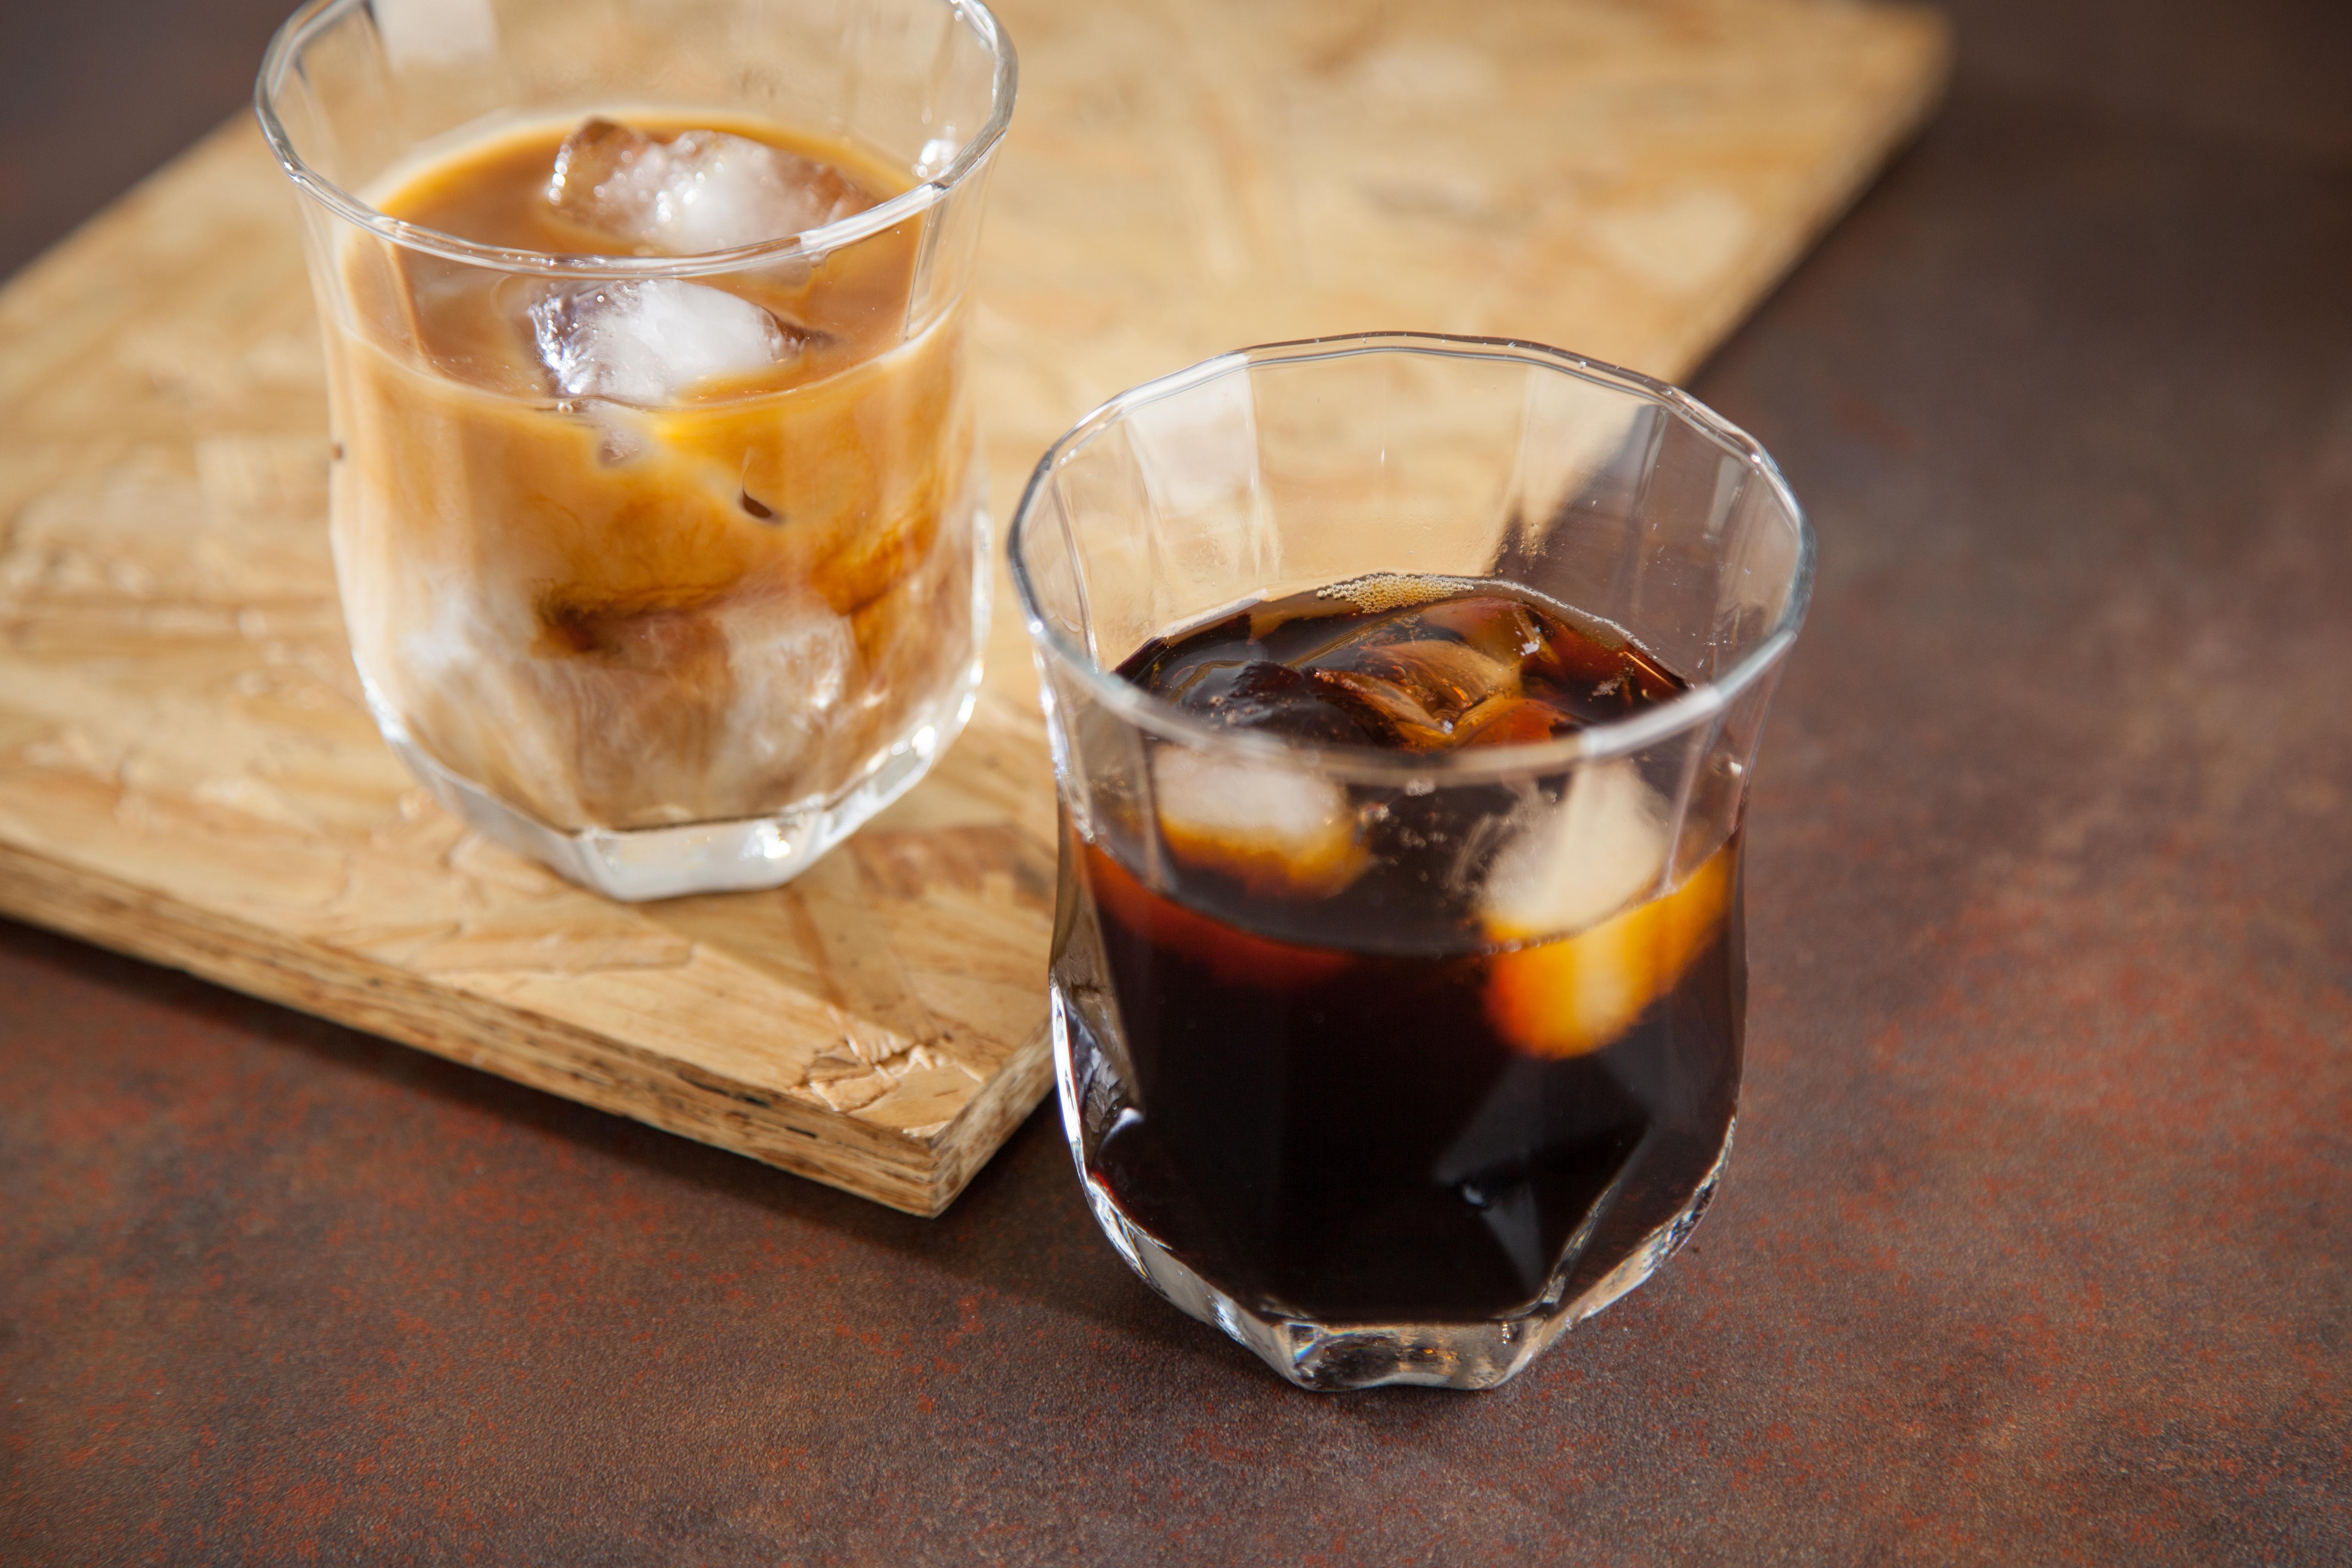 Dois copos de cafés, um à frente escuro e com gelo, o de trás com gelo e leite